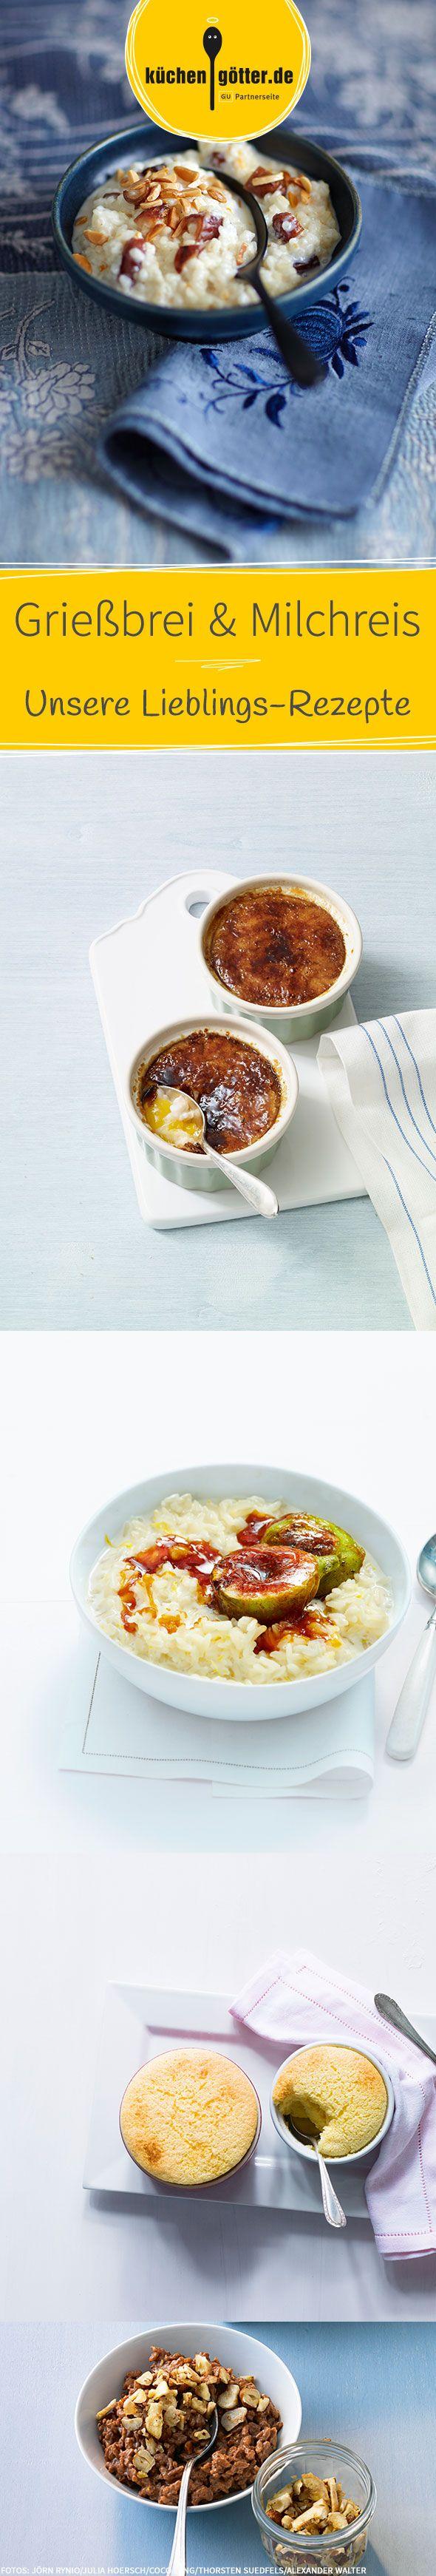 Pures Soulfood! Mit unseren süßen Rezepten für Grießbrei und Milchreis könnt ihr euch ganz bequem auf die Couch setzen und jeden Löffel genüsslich genießen.